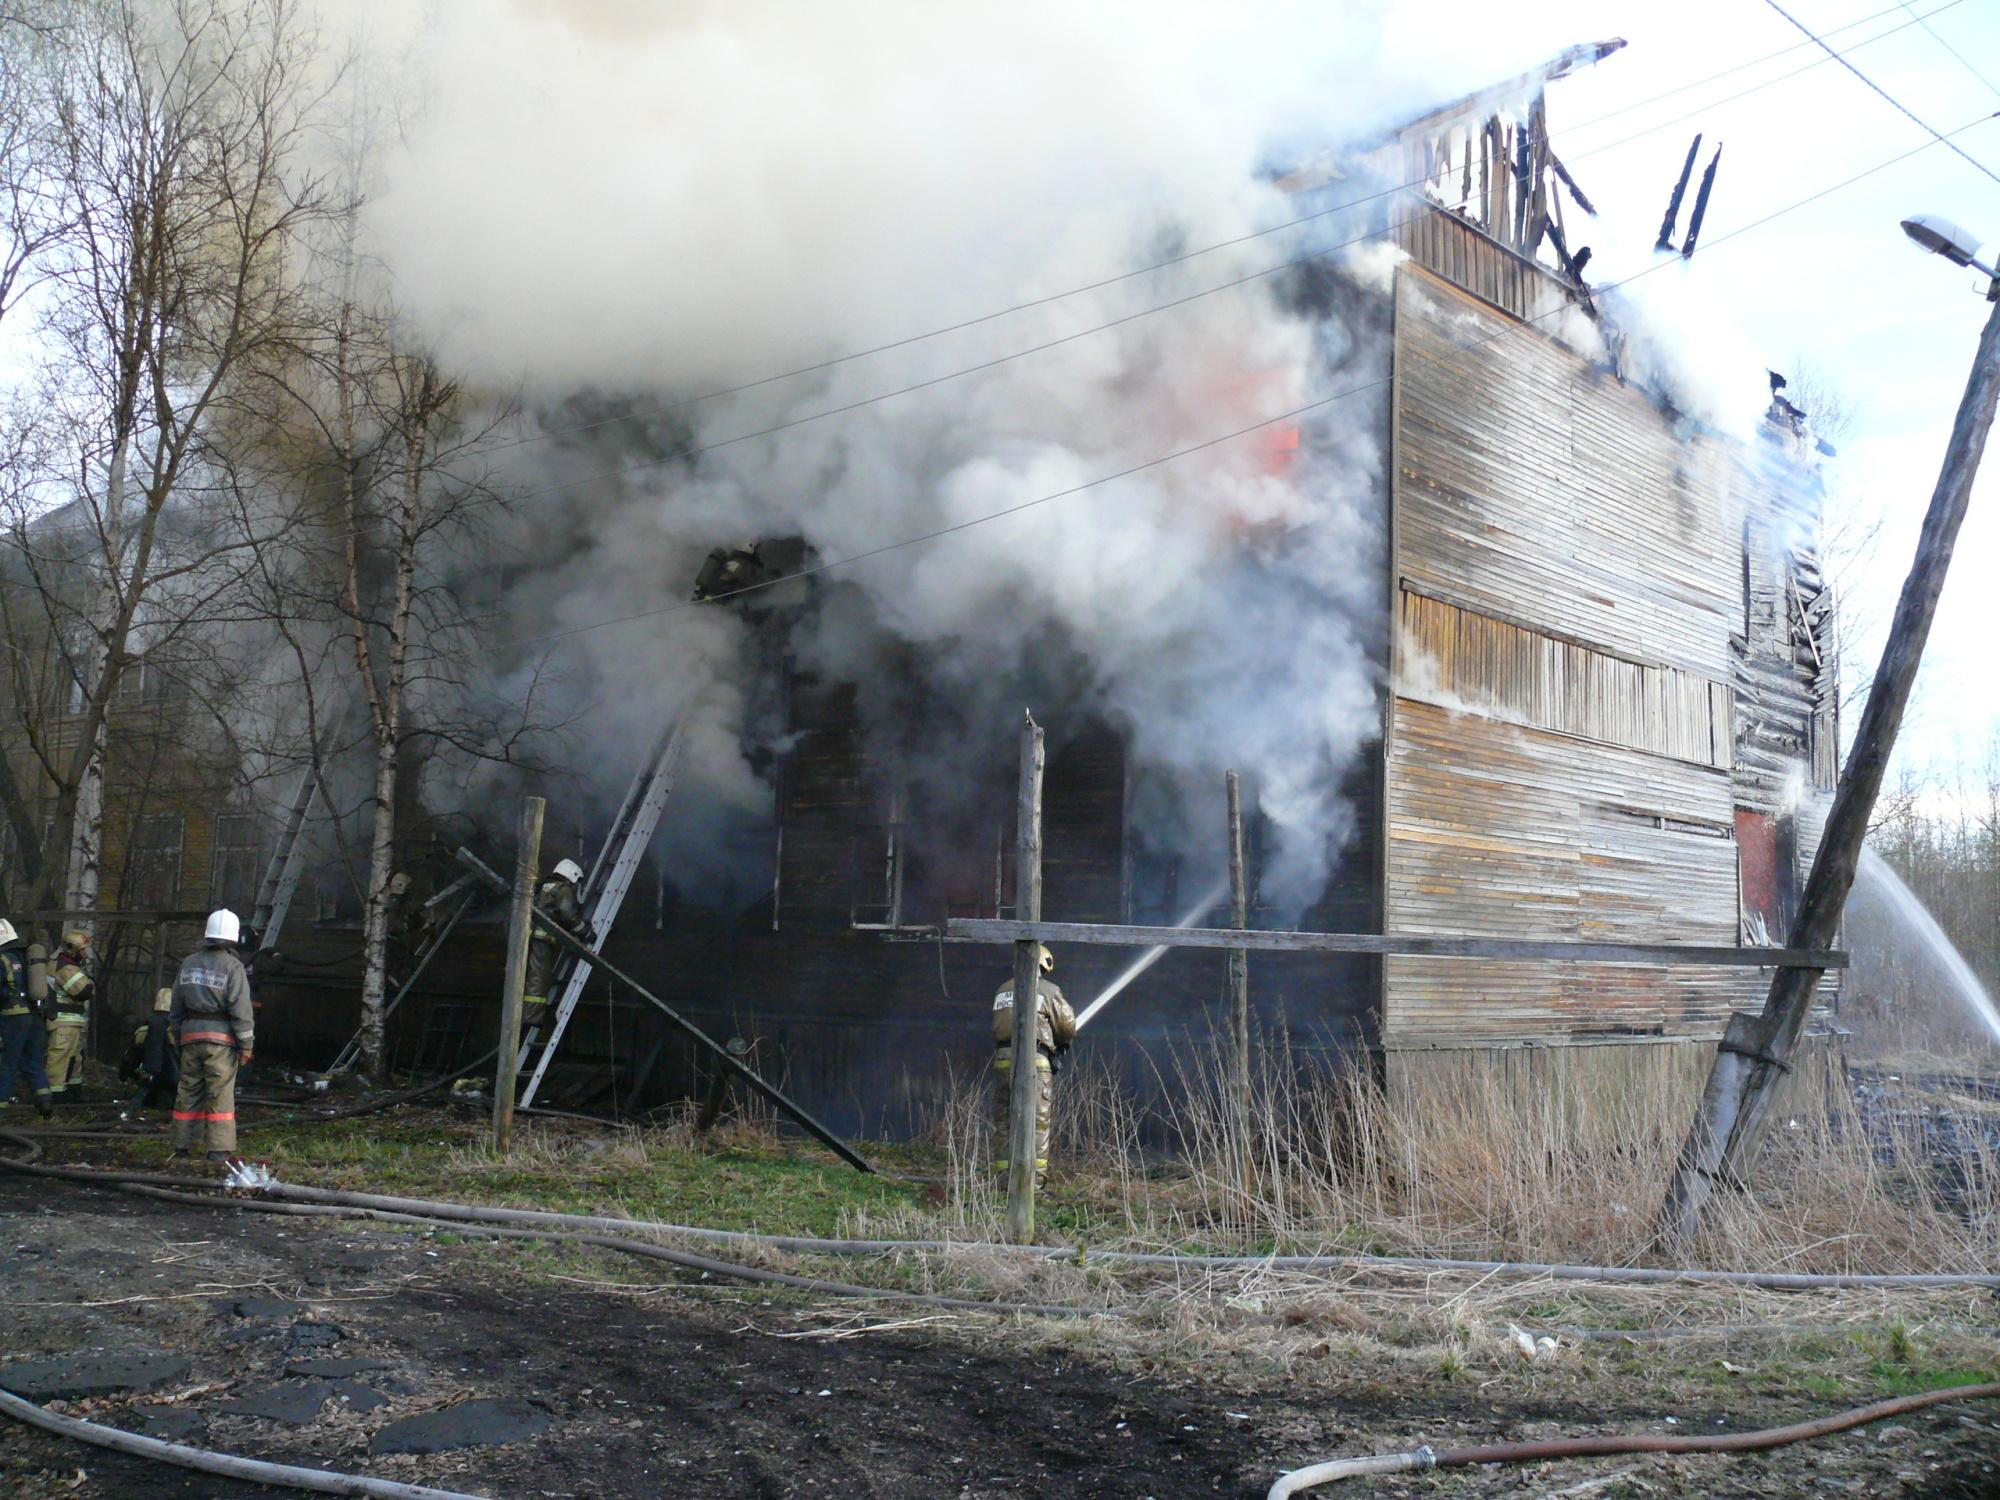 Пожарно-спасательные подразделения ликвидировали пожар в г. Новодвинске Архангельской области